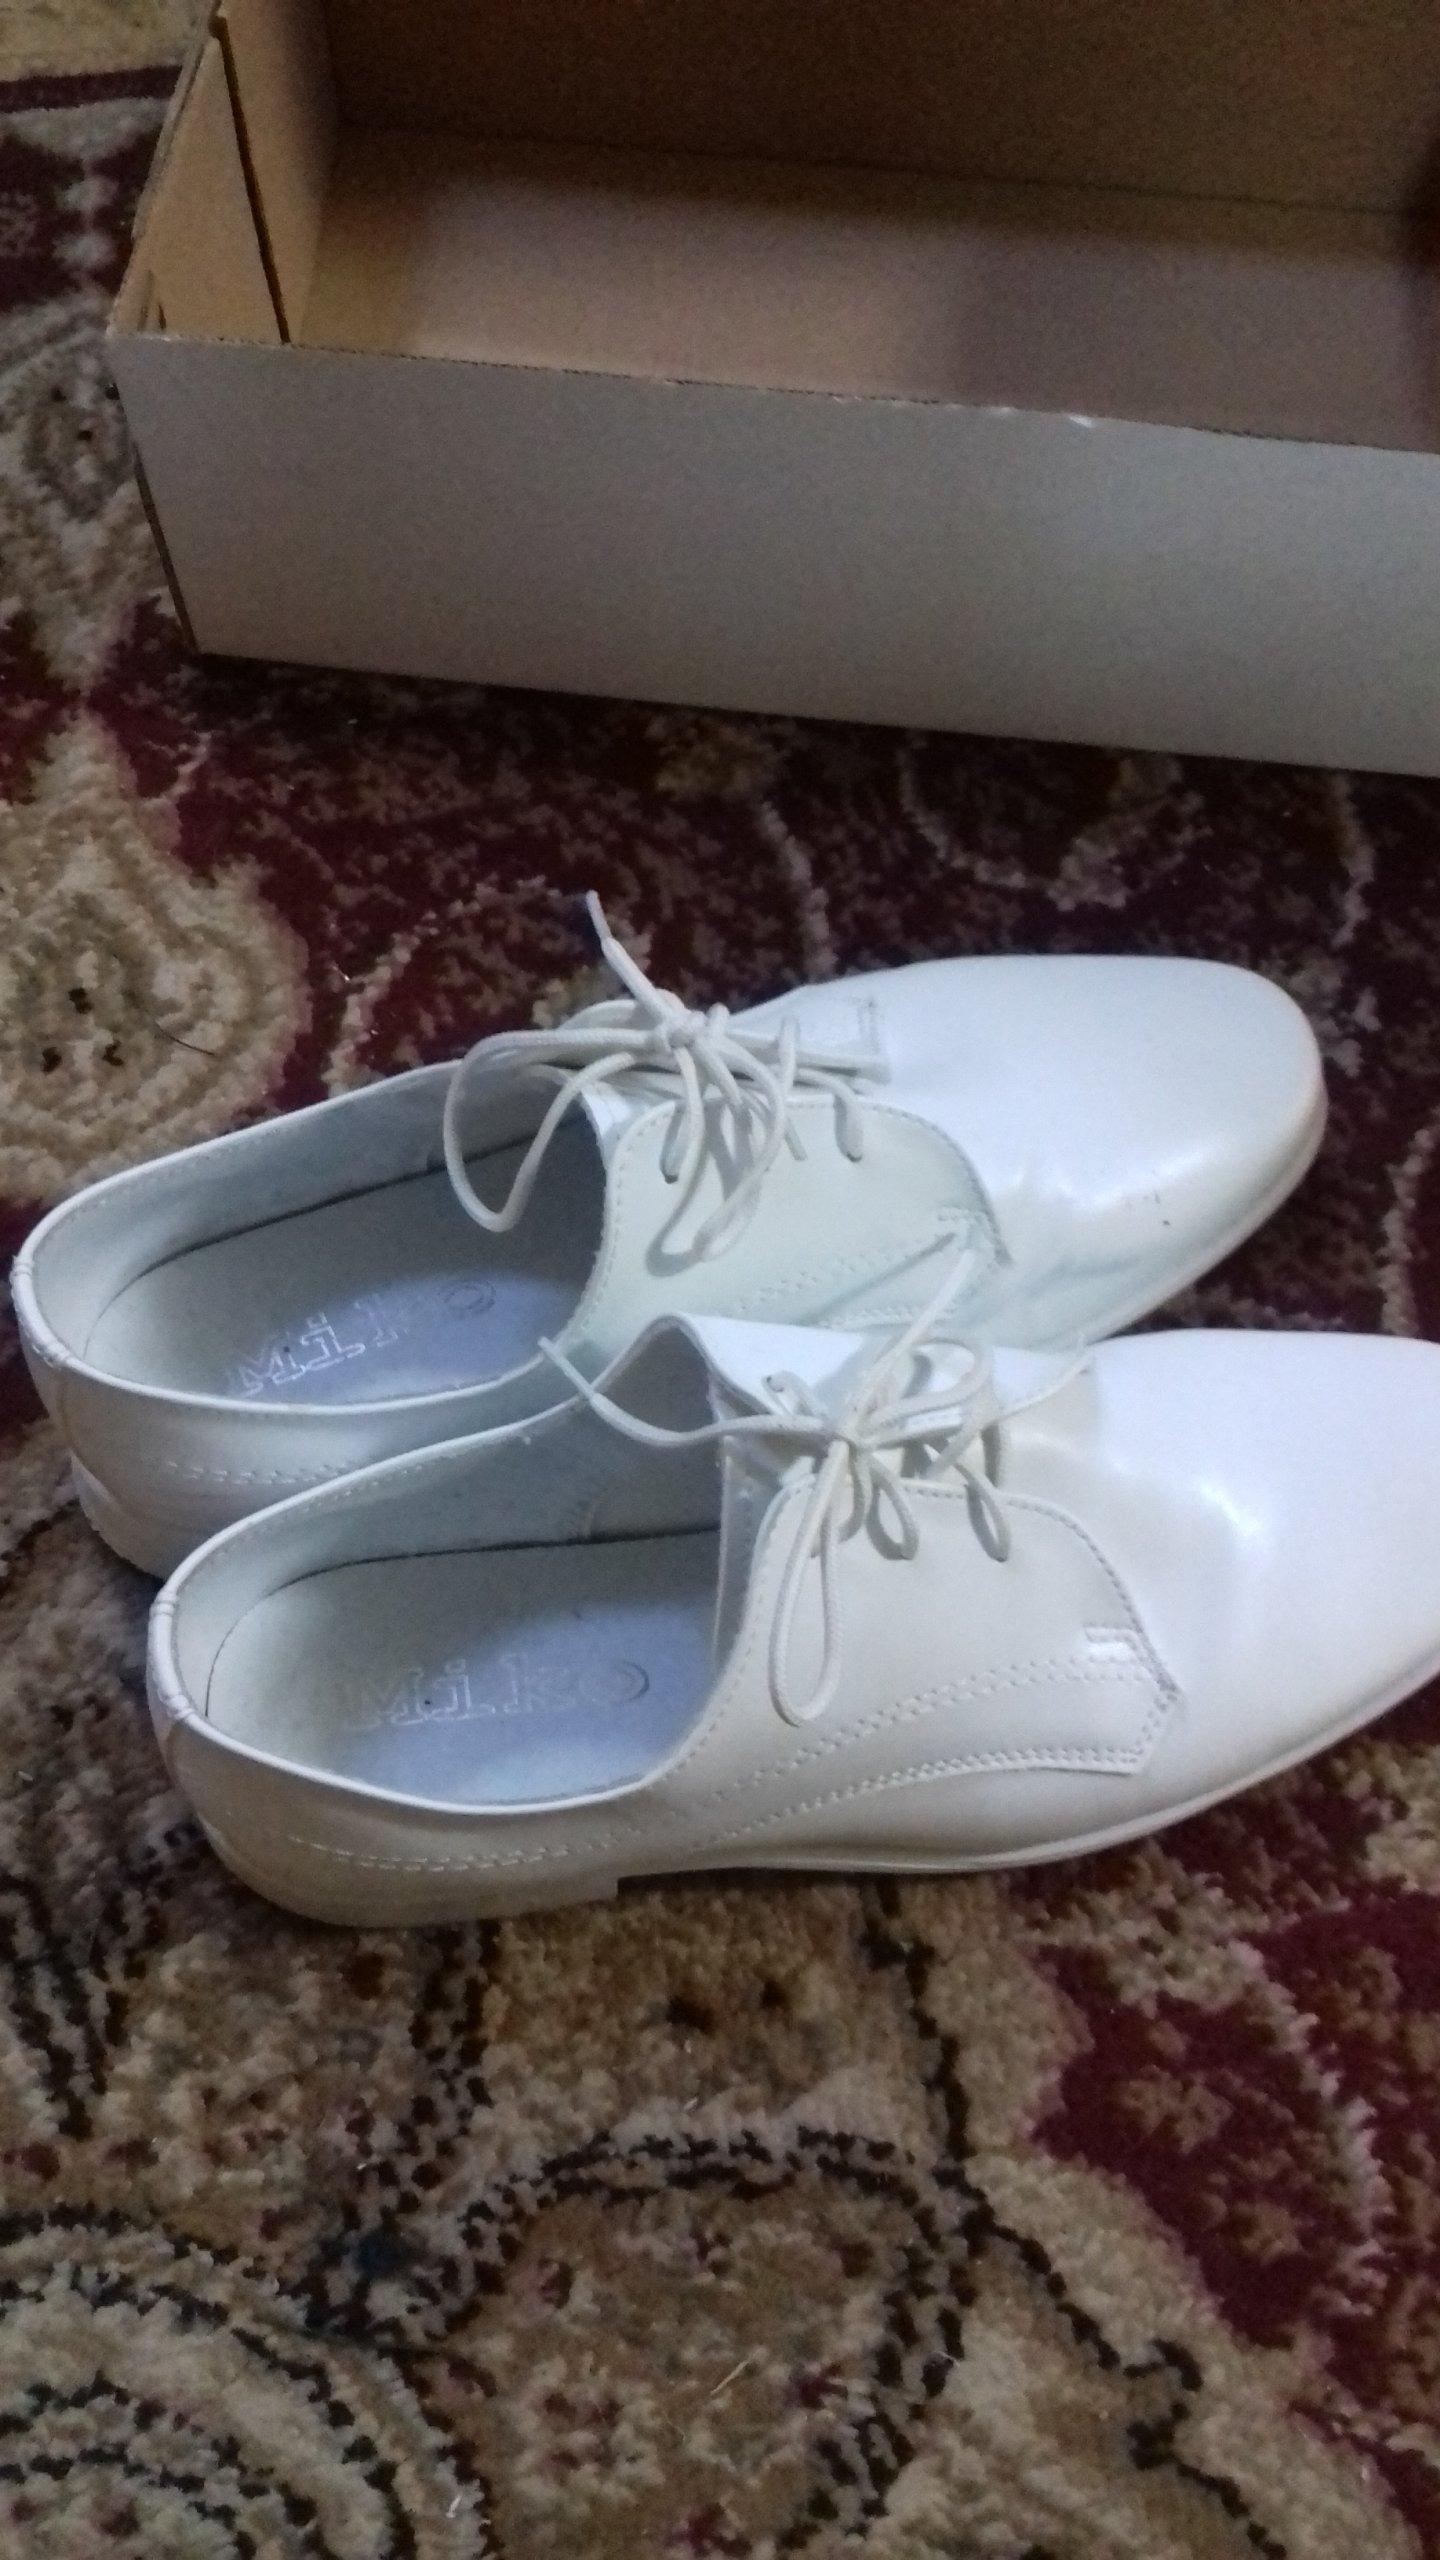 bdd94d5e4b buty komunijne dla chłopca - 7329318363 - oficjalne archiwum allegro